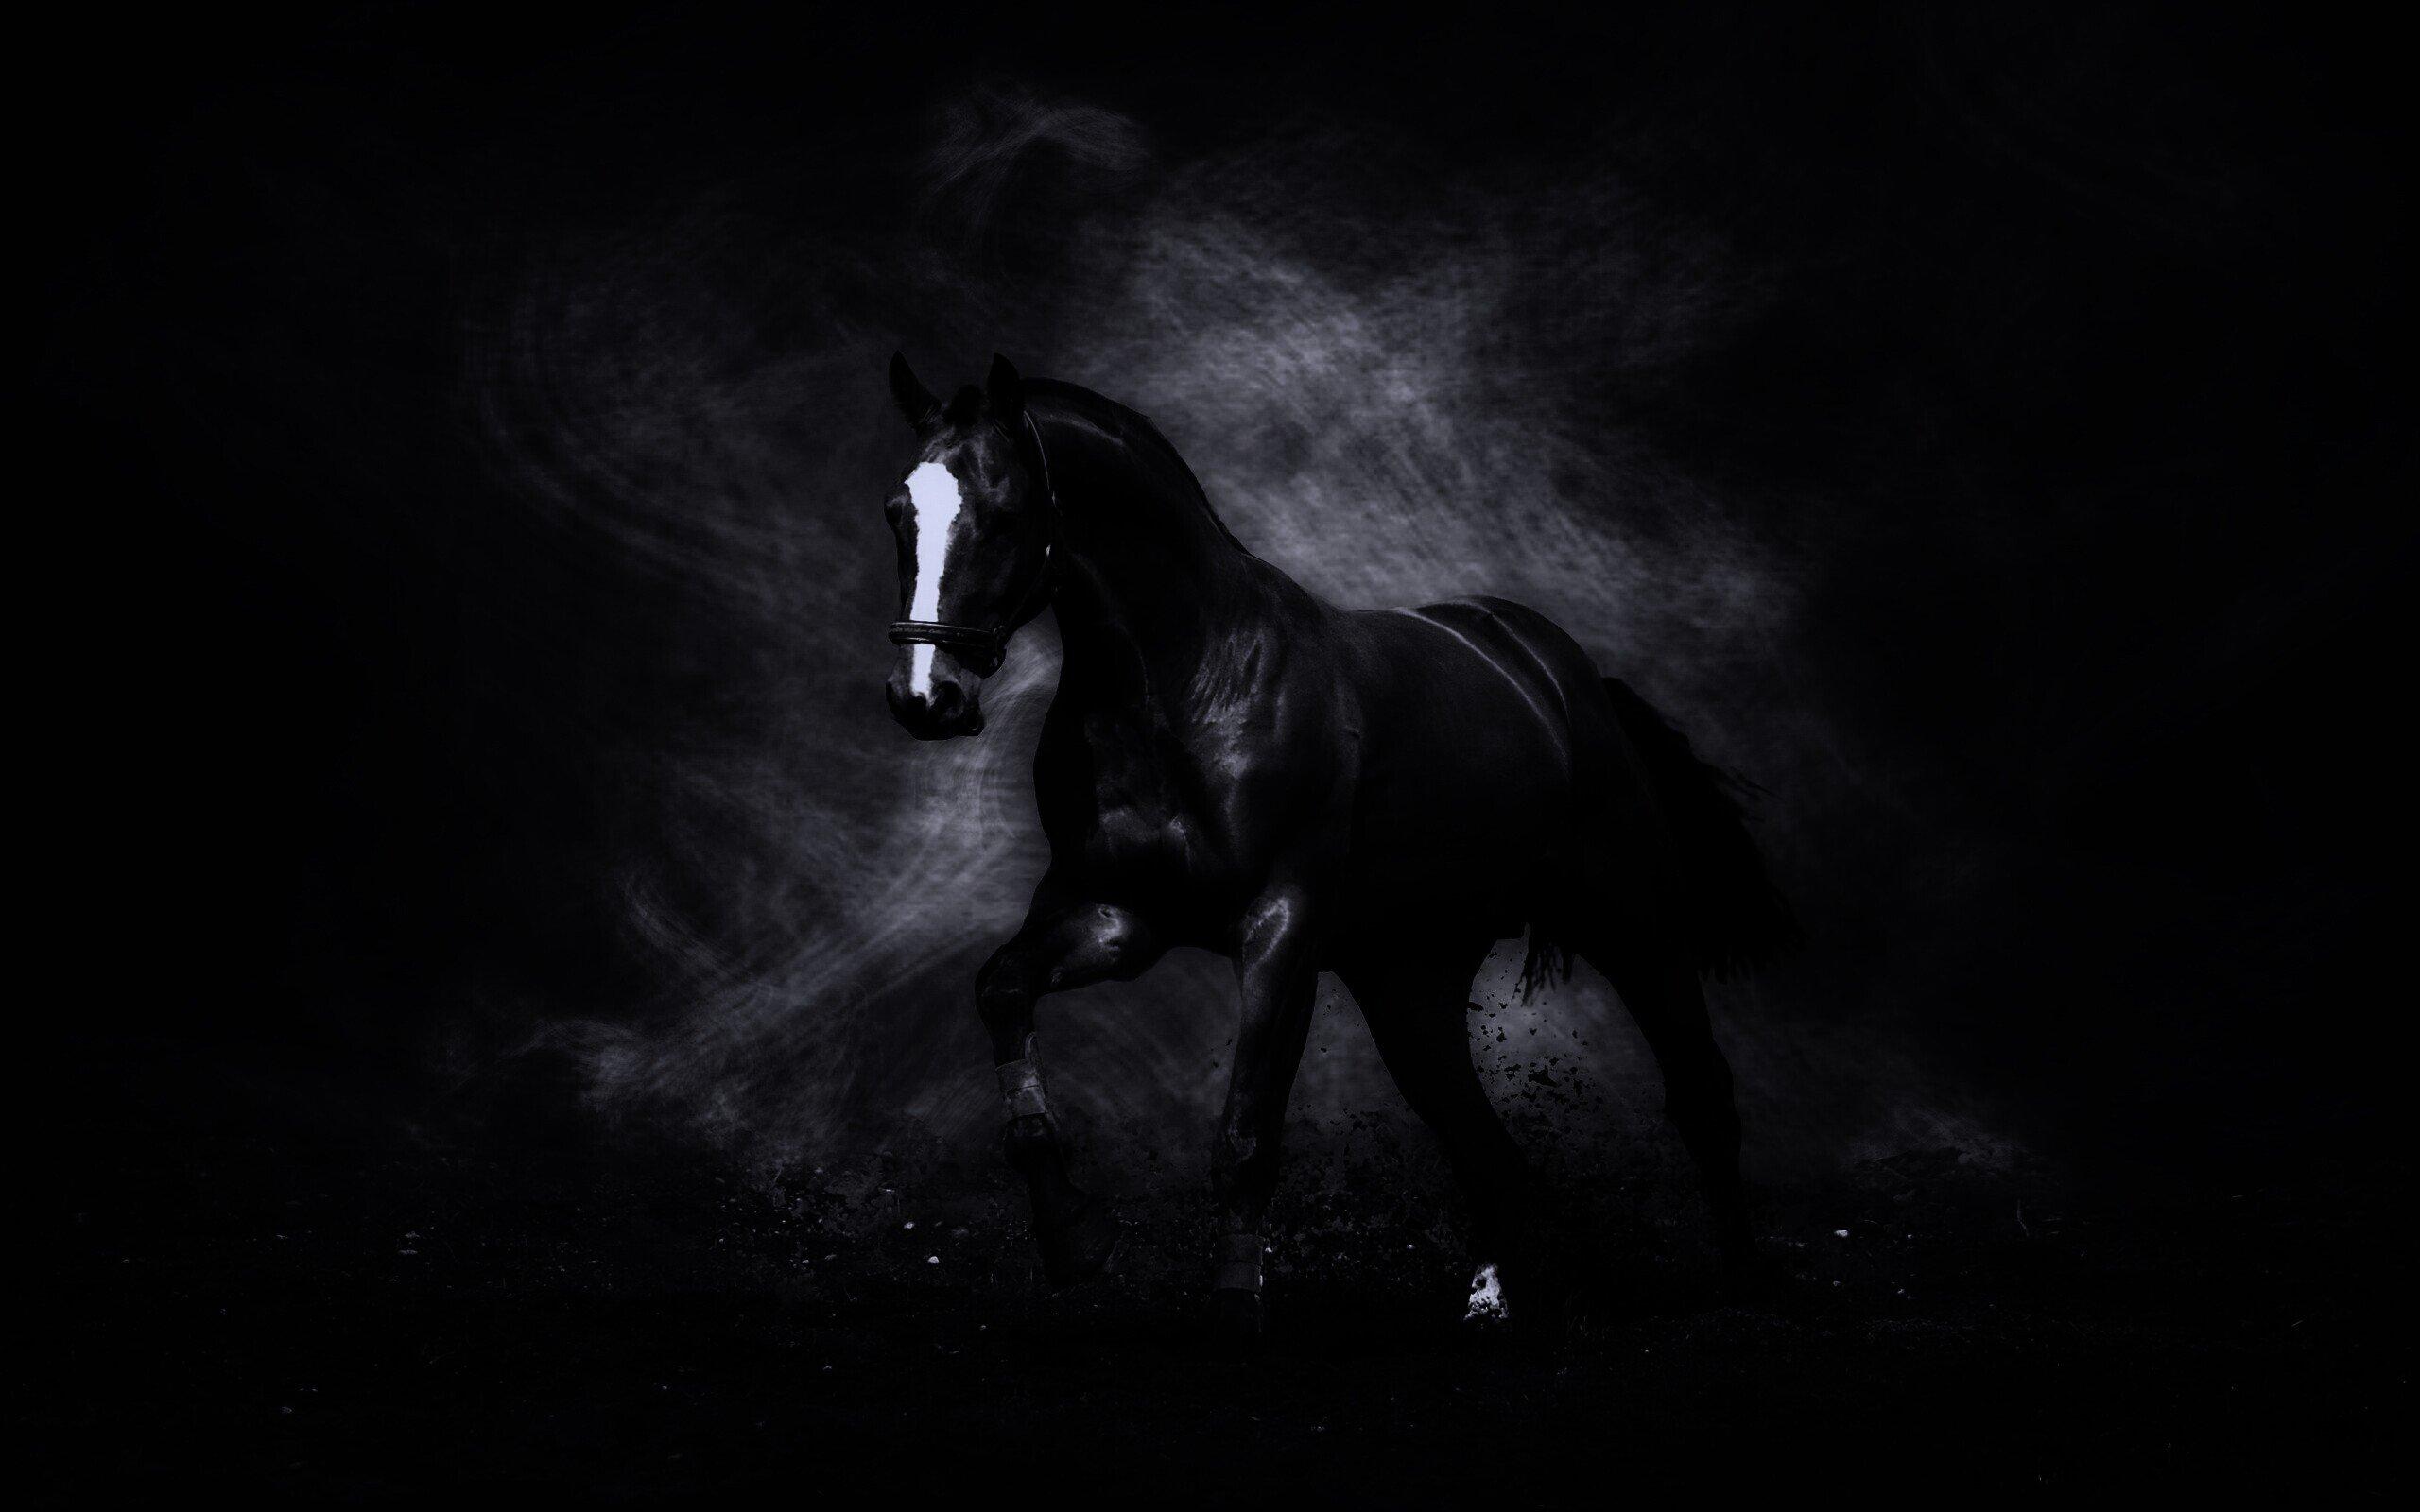 Лошадь на темном фоне картинки